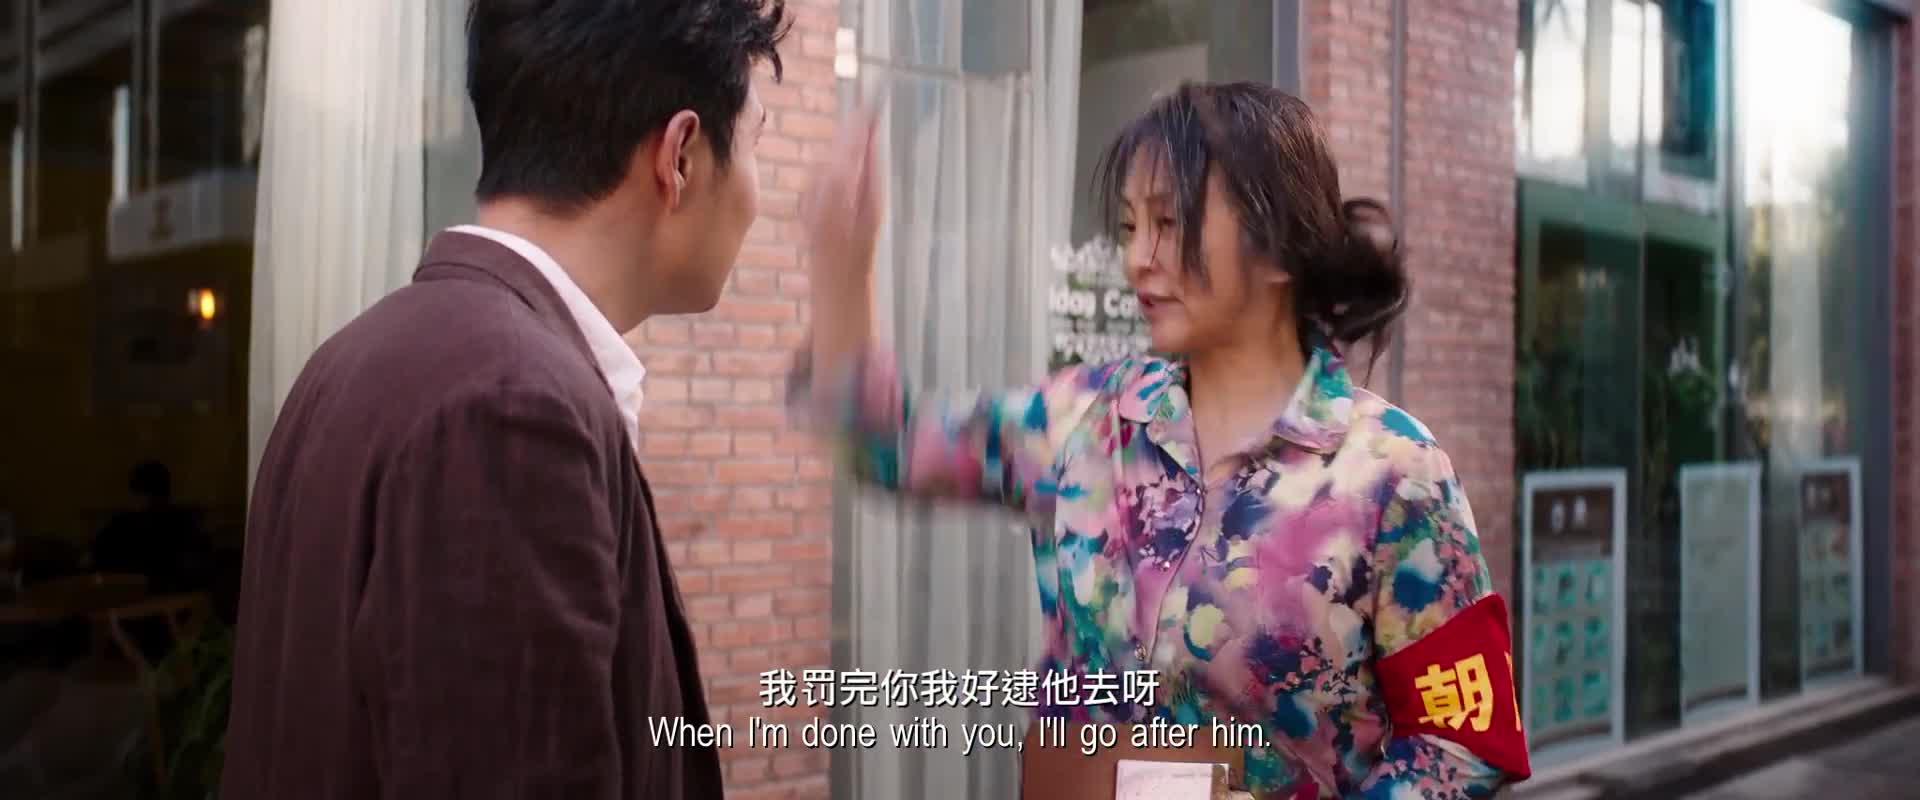 小沈阳被罚款逃跑,没想到意外躲避了花盆,是悲惨还是幸运